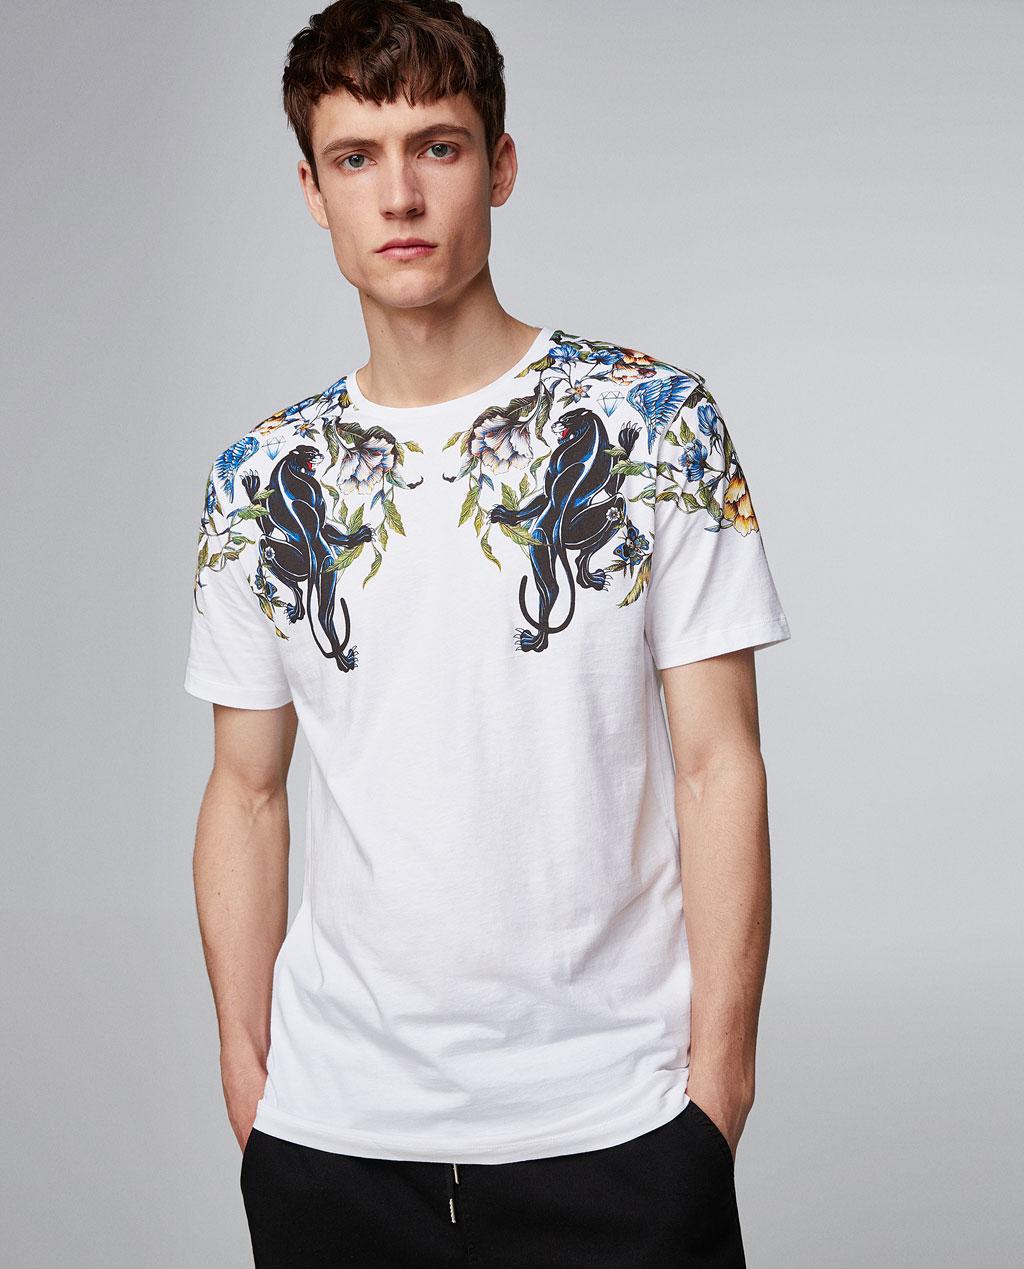 Thời trang nam Zara  24045 - ảnh 4